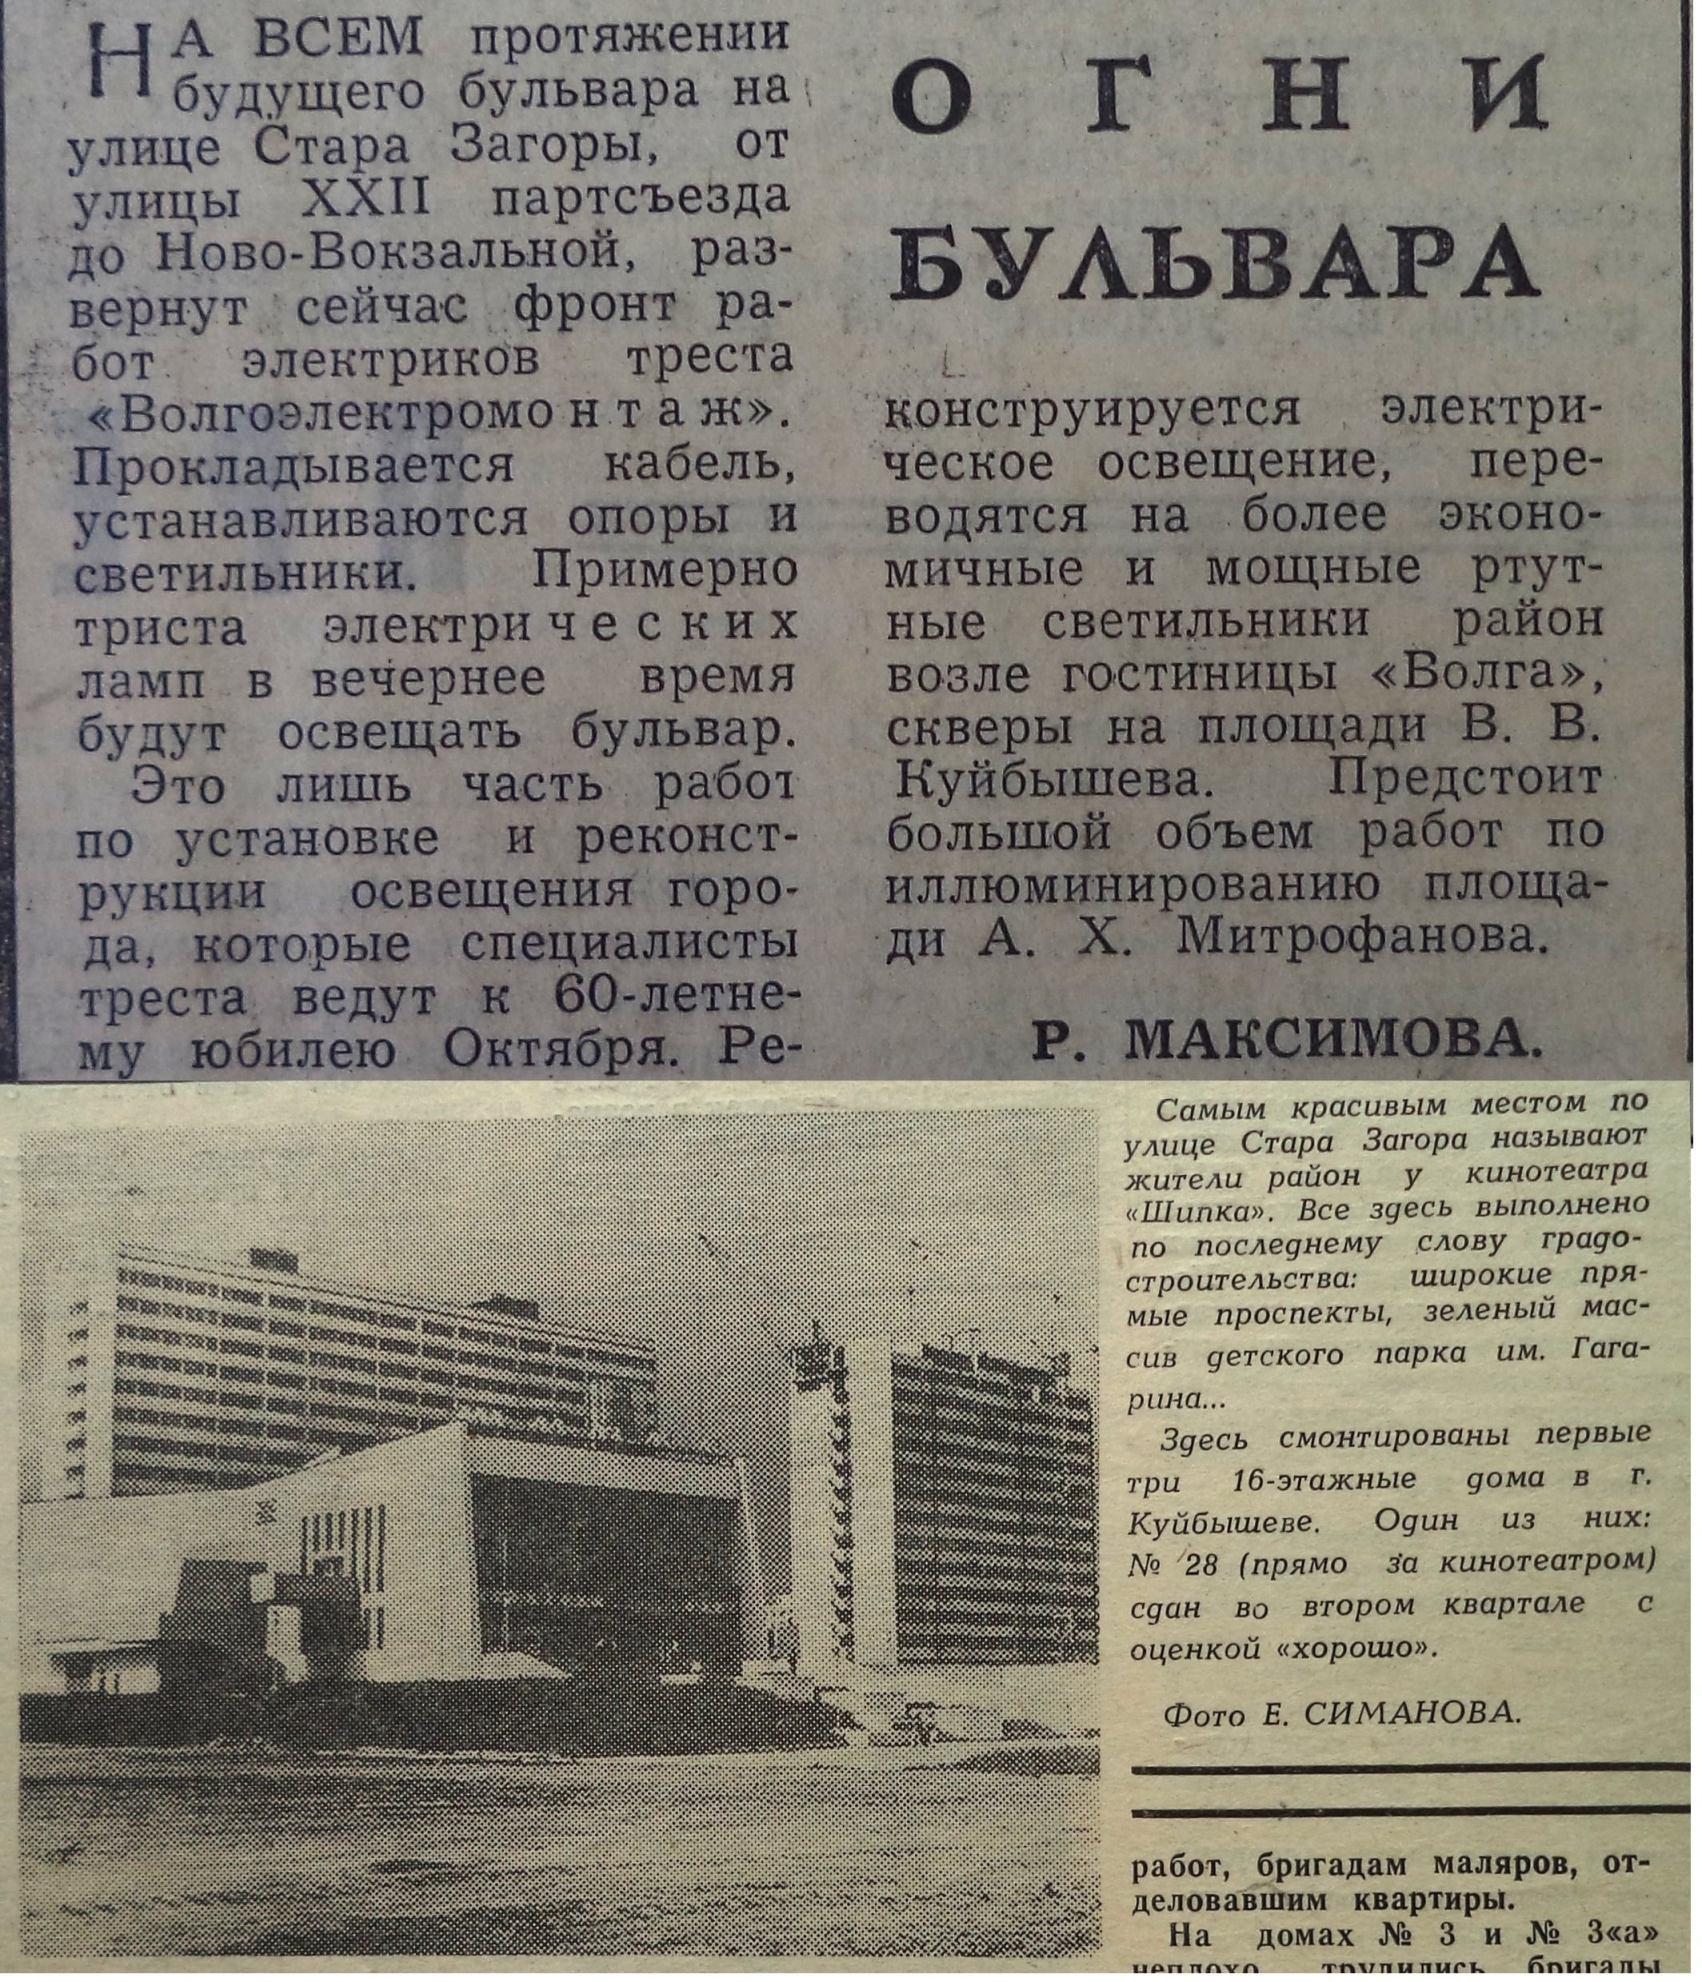 Стара Загора-ФОТО-083-ВЗя-1977-07-04-бульвар по СЗ в X мкр